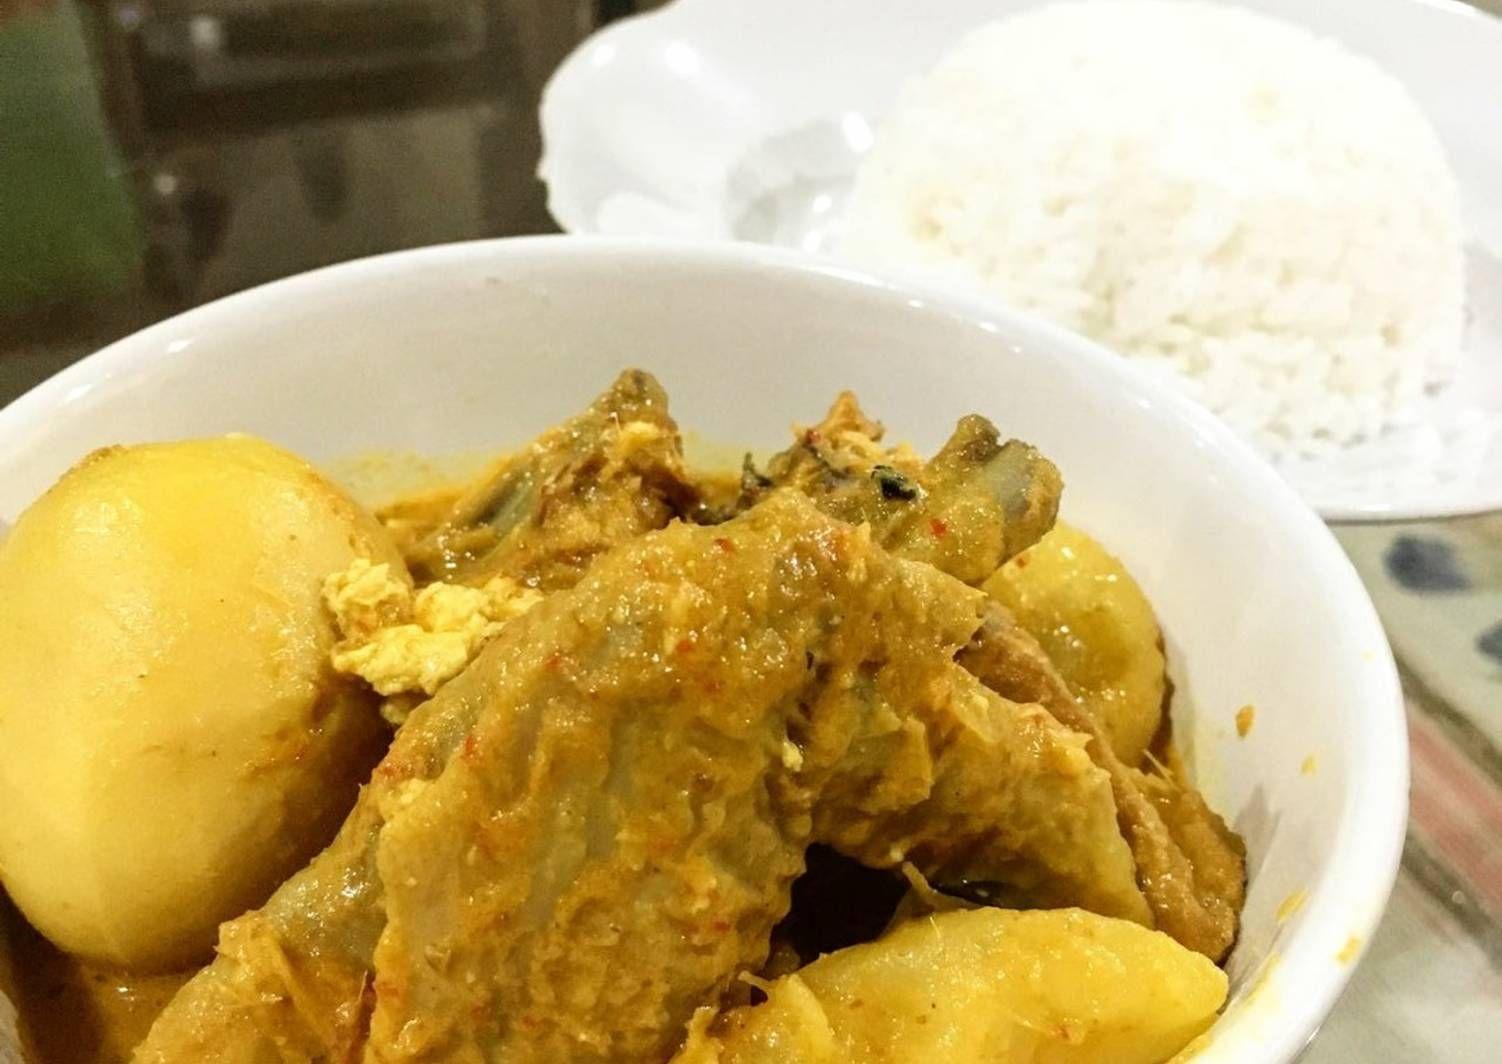 Resep Kari Ayam Ala Tabona Medan Oleh Ellis Ho Resep Resep Masakan Indonesia Resep Masakan Masakan